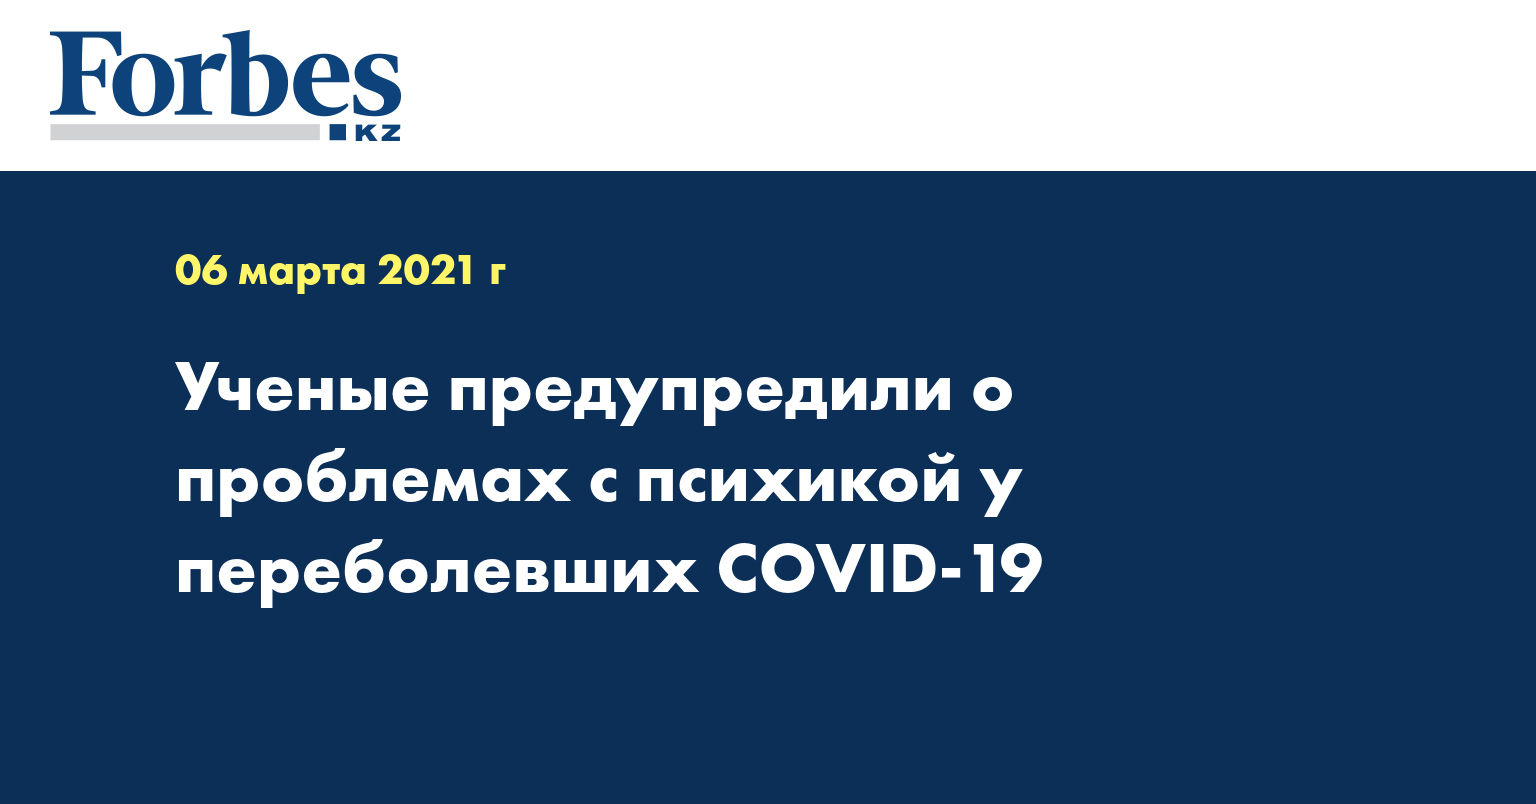 Ученые предупредили о проблемах с психикой у переболевших COVID-19